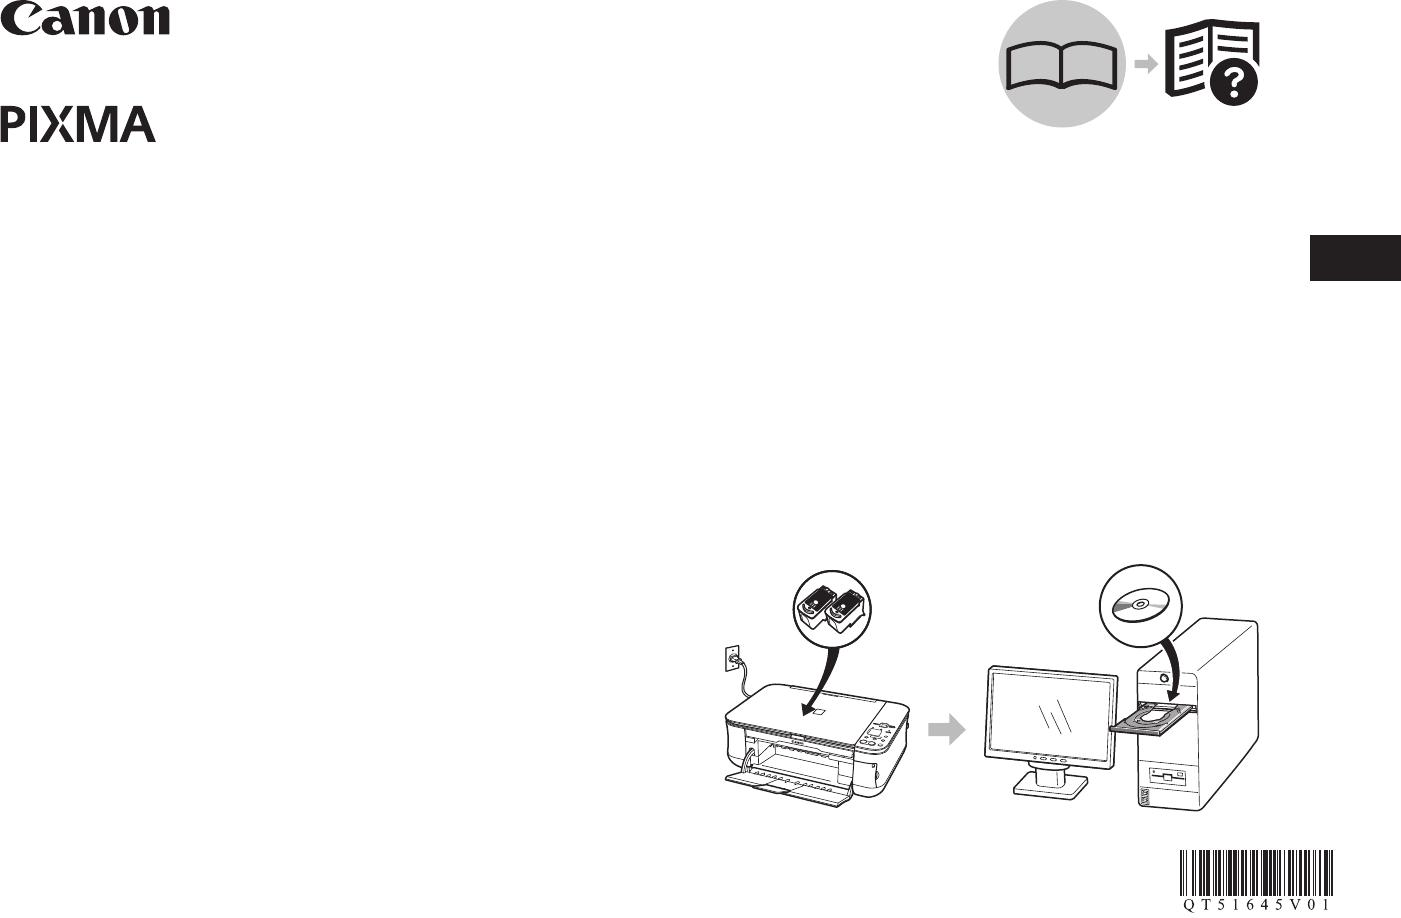 canon all in one printer mp240 user guide